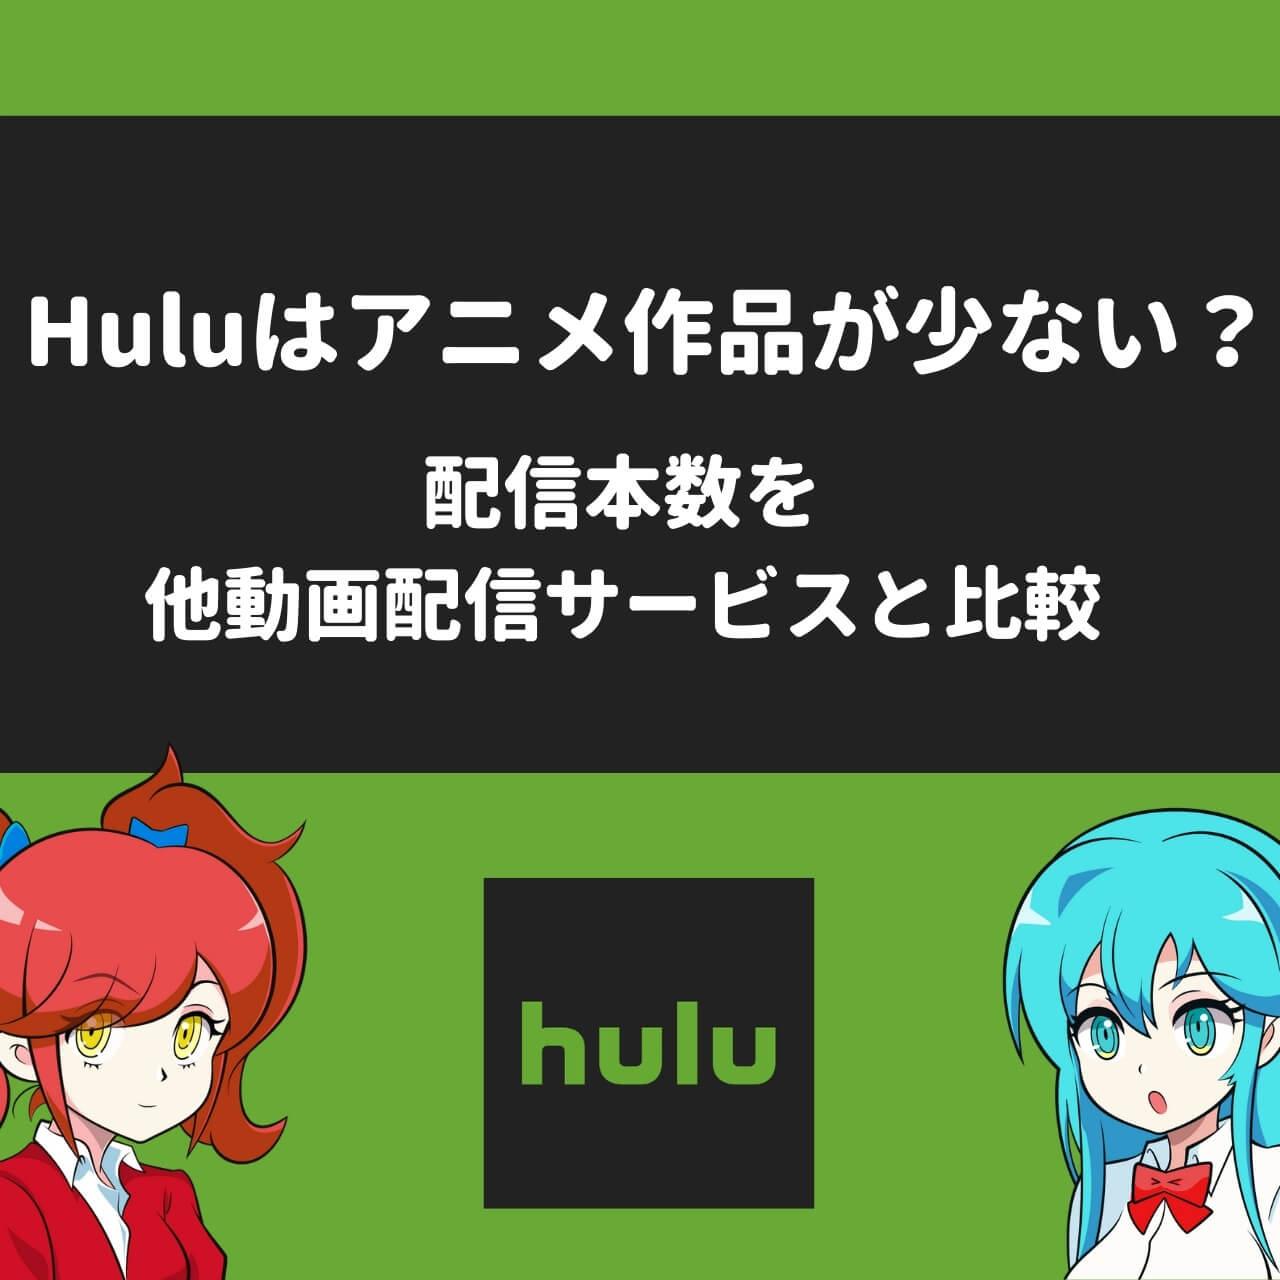 Huluはアニメ作品が少ない?配信本数を他社と比較